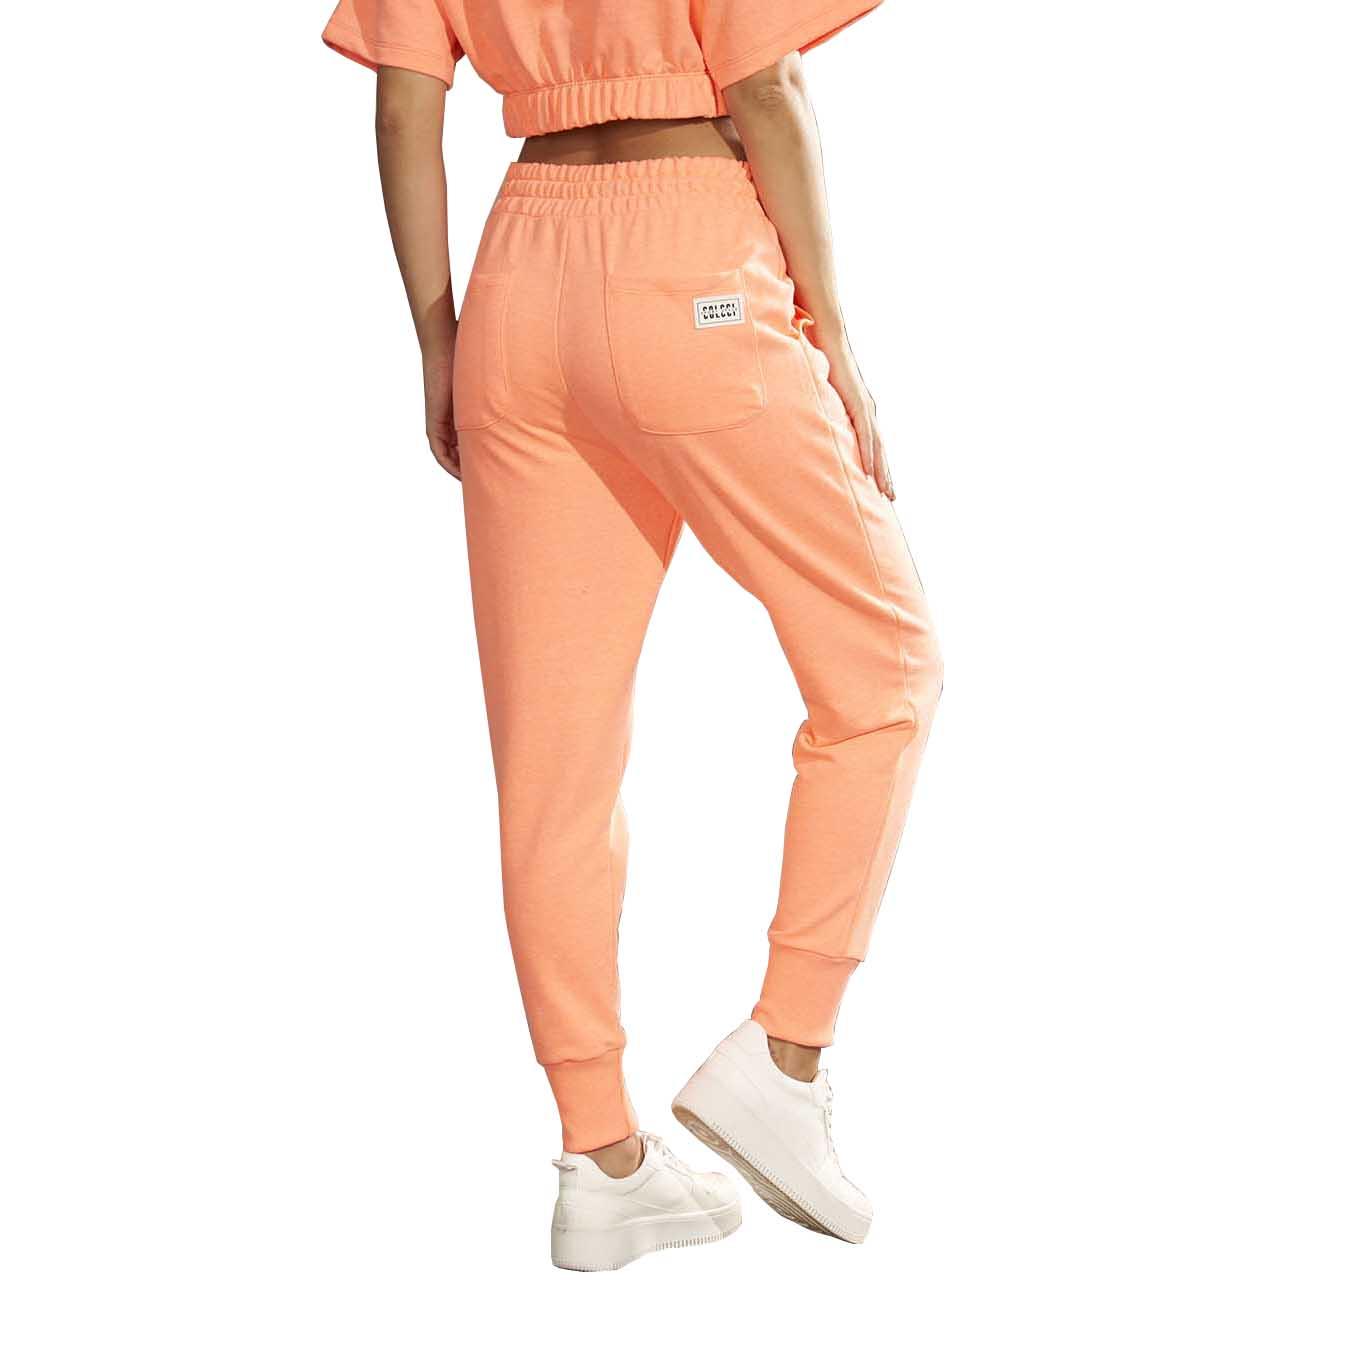 Calça de Moletom Colcci Pumpkin Feminina